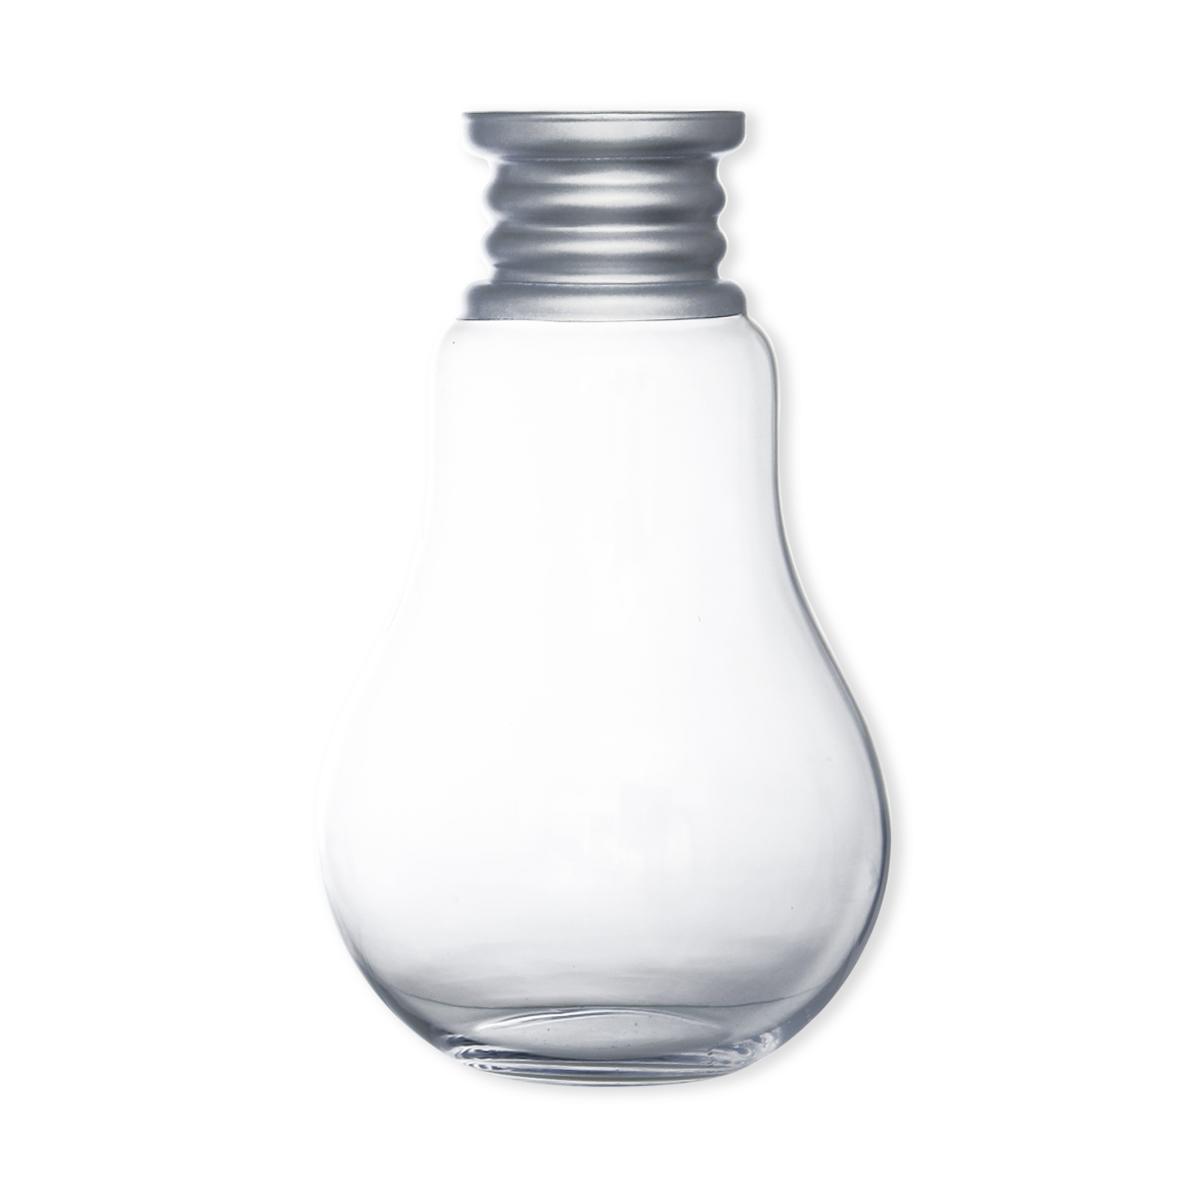 vase forme ampoule en verre souffl 36cm d co design. Black Bedroom Furniture Sets. Home Design Ideas